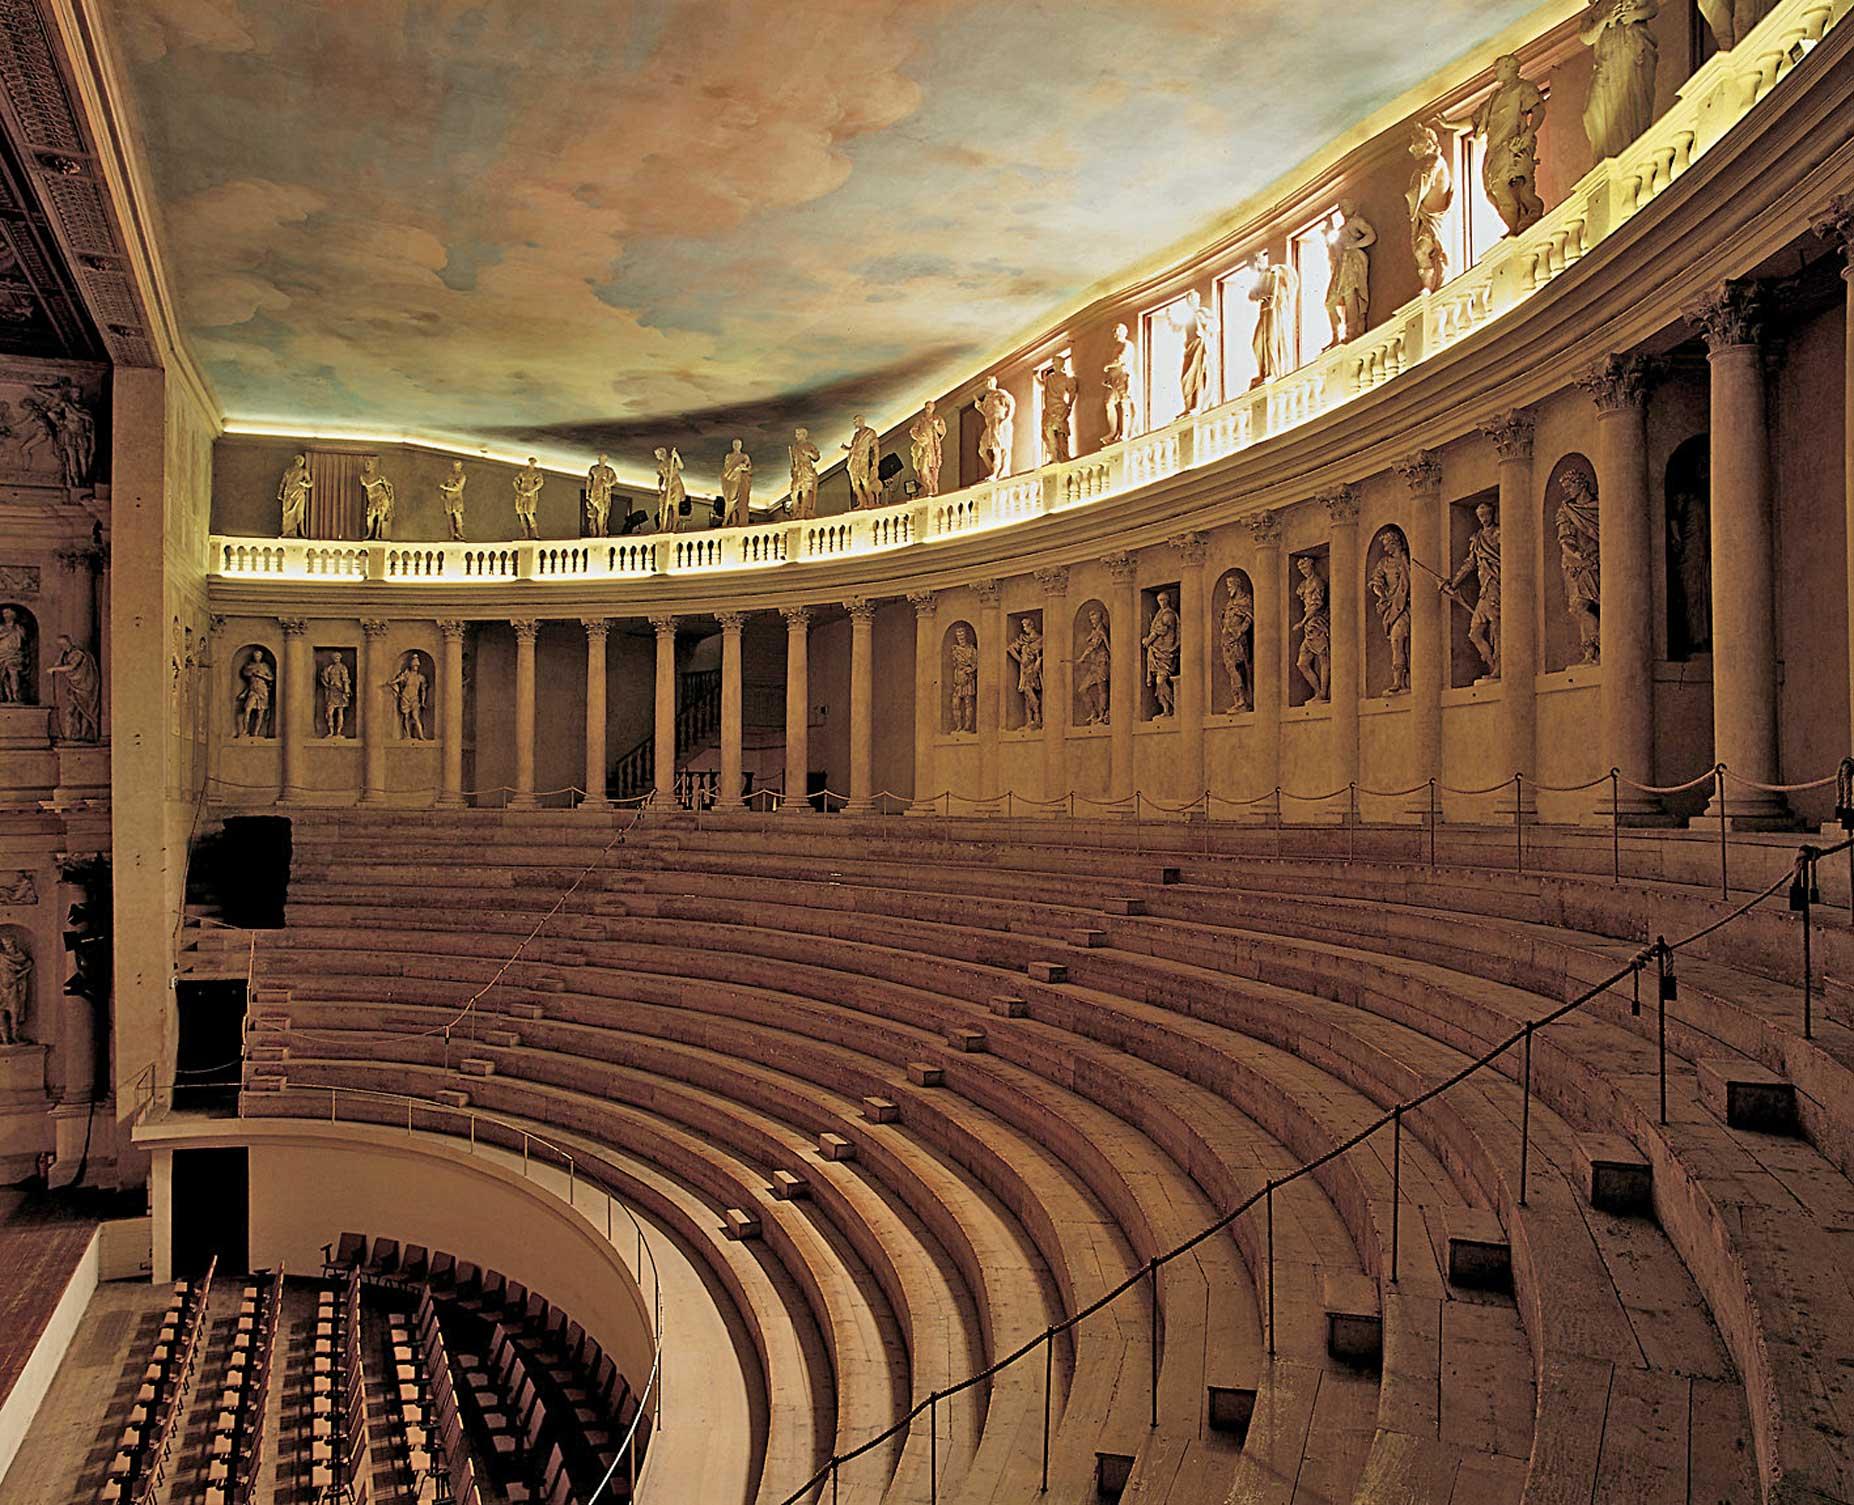 PalladioTeatroOlimpico.jpg